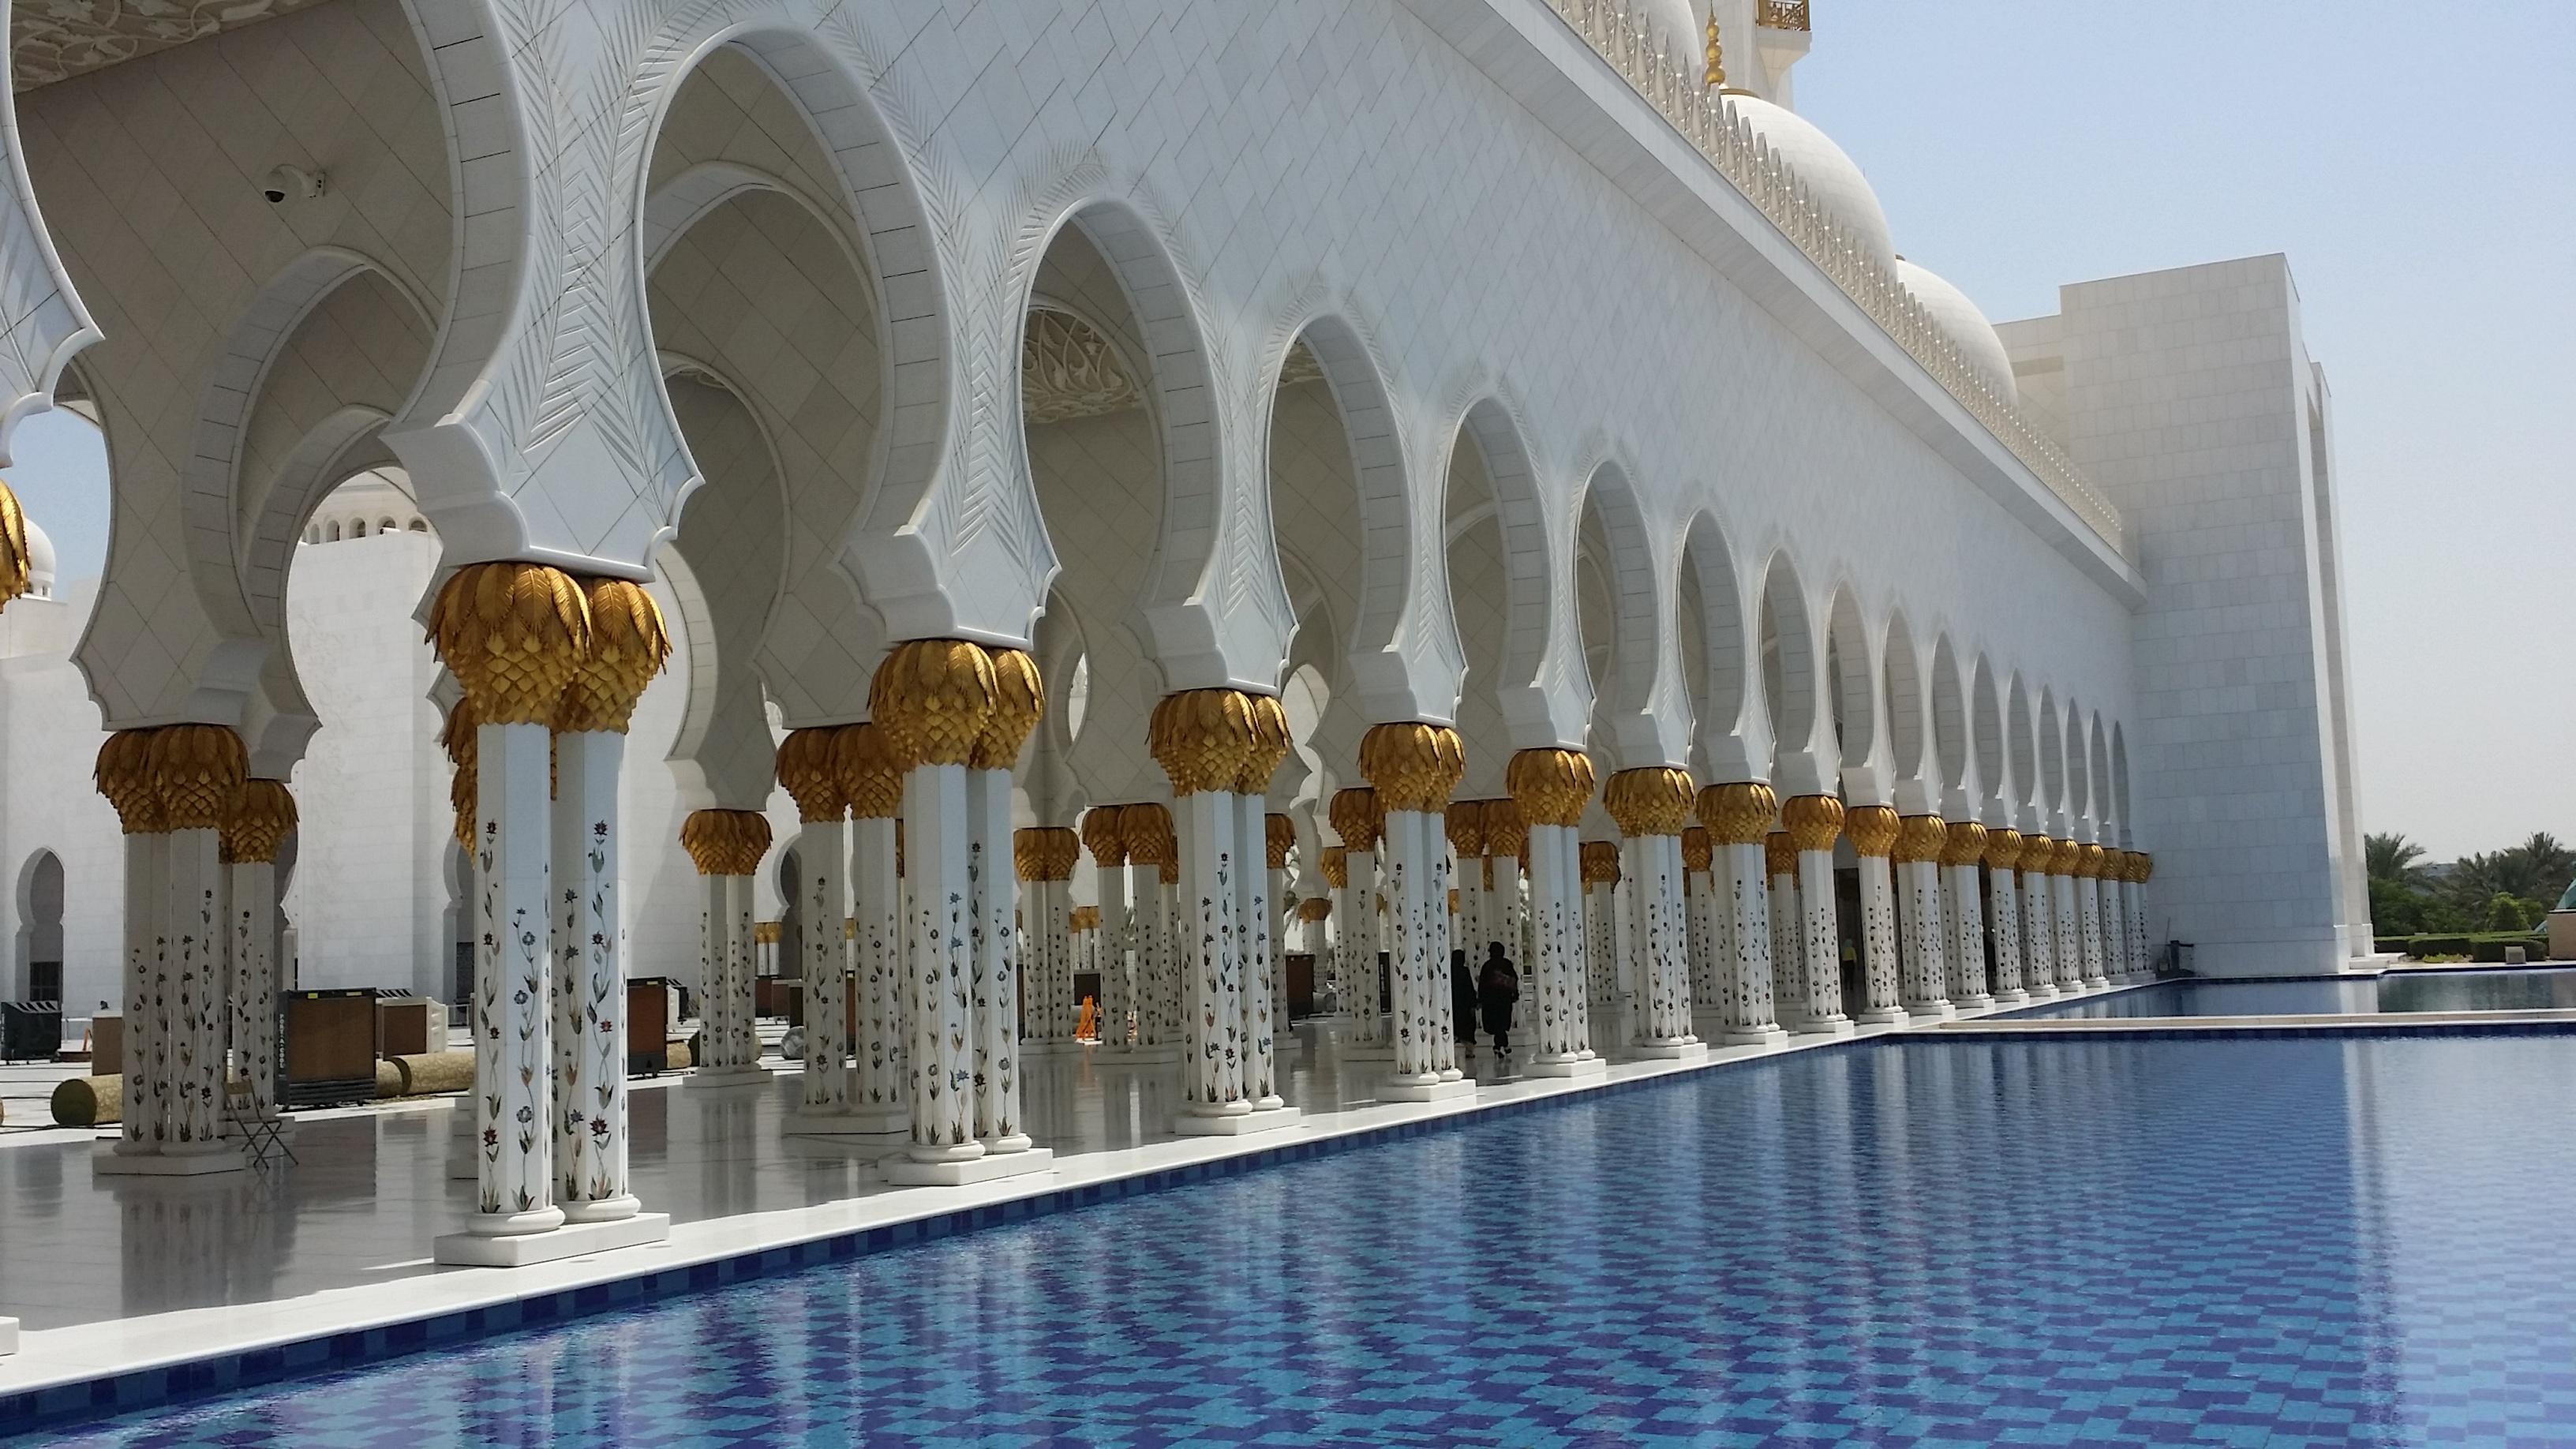 edificio palacio plaza punto de referencia fachada lugar de adoracin fuente mezquita uae fuente de